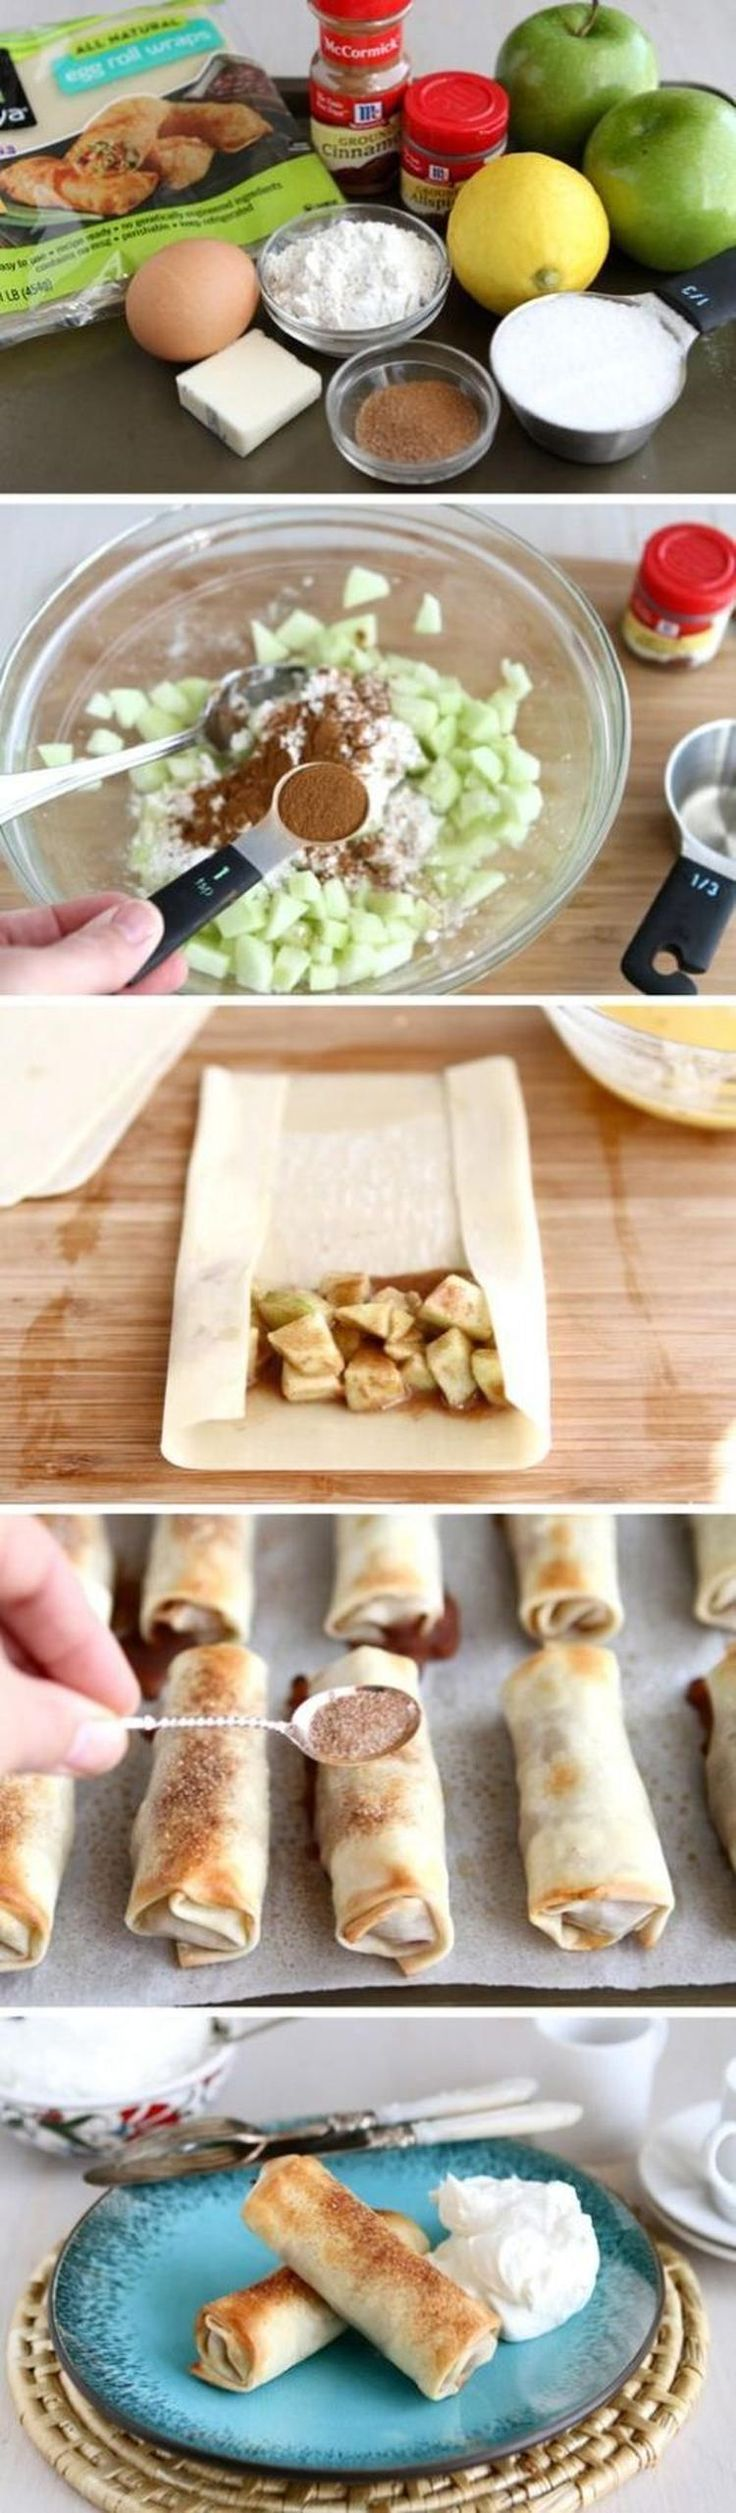 ven voorverwarmen 190 graden 1. appel in kleine blokjes snijden 2. Appels, citroensap en suiker mengen in een kom 3. Bloem, kaneel en zout toevoegen 4. Ei breken in aparte kom 5. Filodeeg uitvouwen en randen bestrijken met ei 6. Twee eetlepels appelvulling 7. Oprollen 8. 20 minuten in de oven 190 graden 9. Gesmolten boter insmeren + kaneel/suiker erop doen 10. 5 minuten terug in de oven